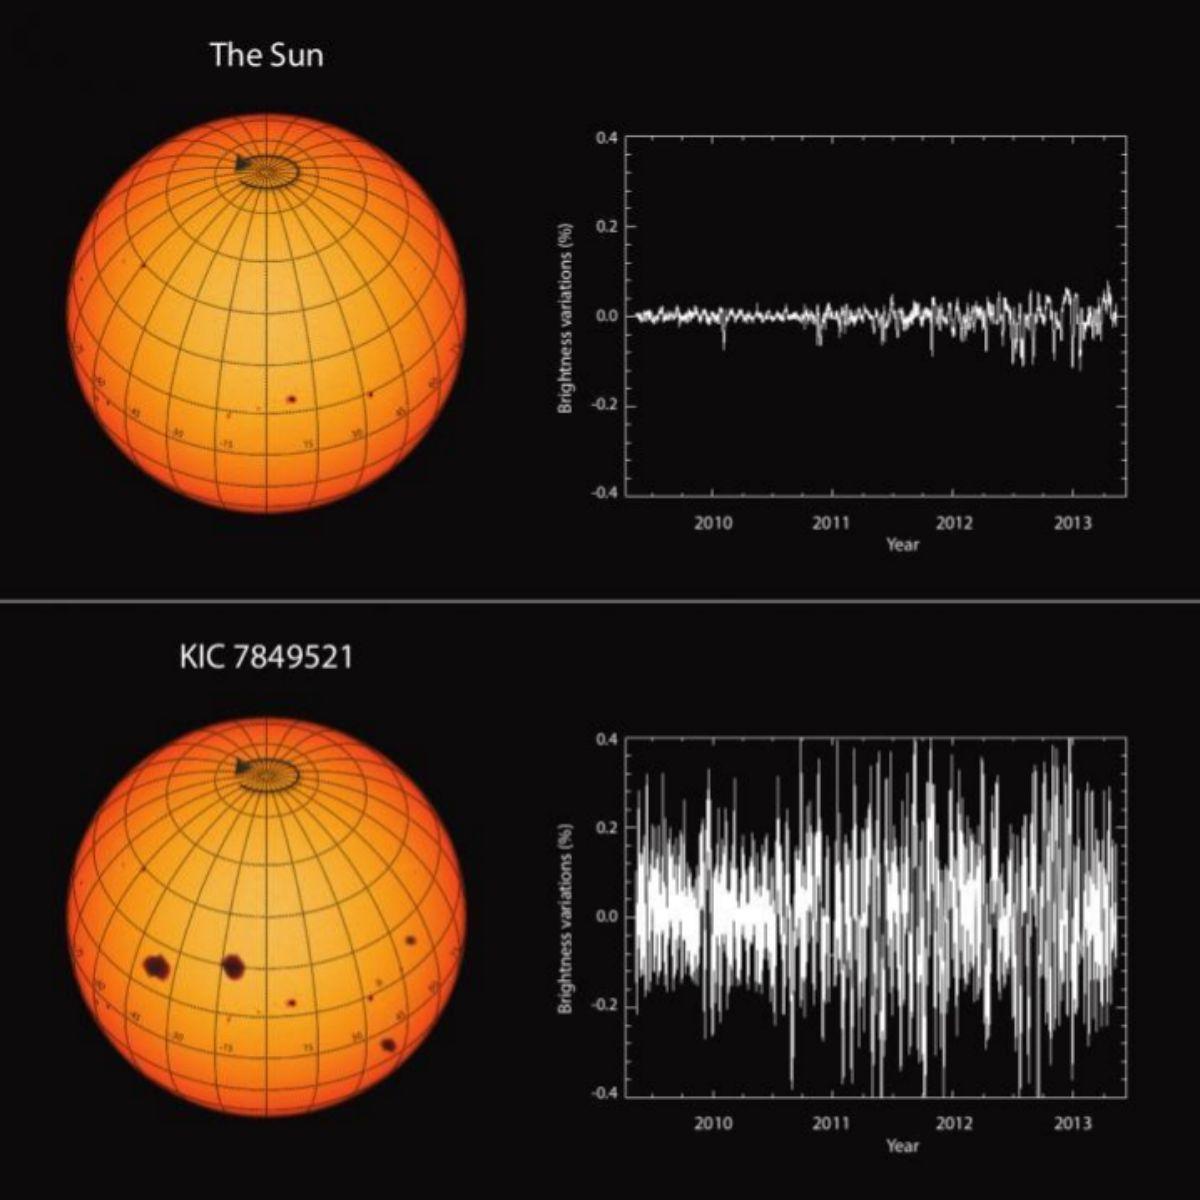 Variaciones del brillo solar comparadas a las de su estrella gemela KIC 7849521.